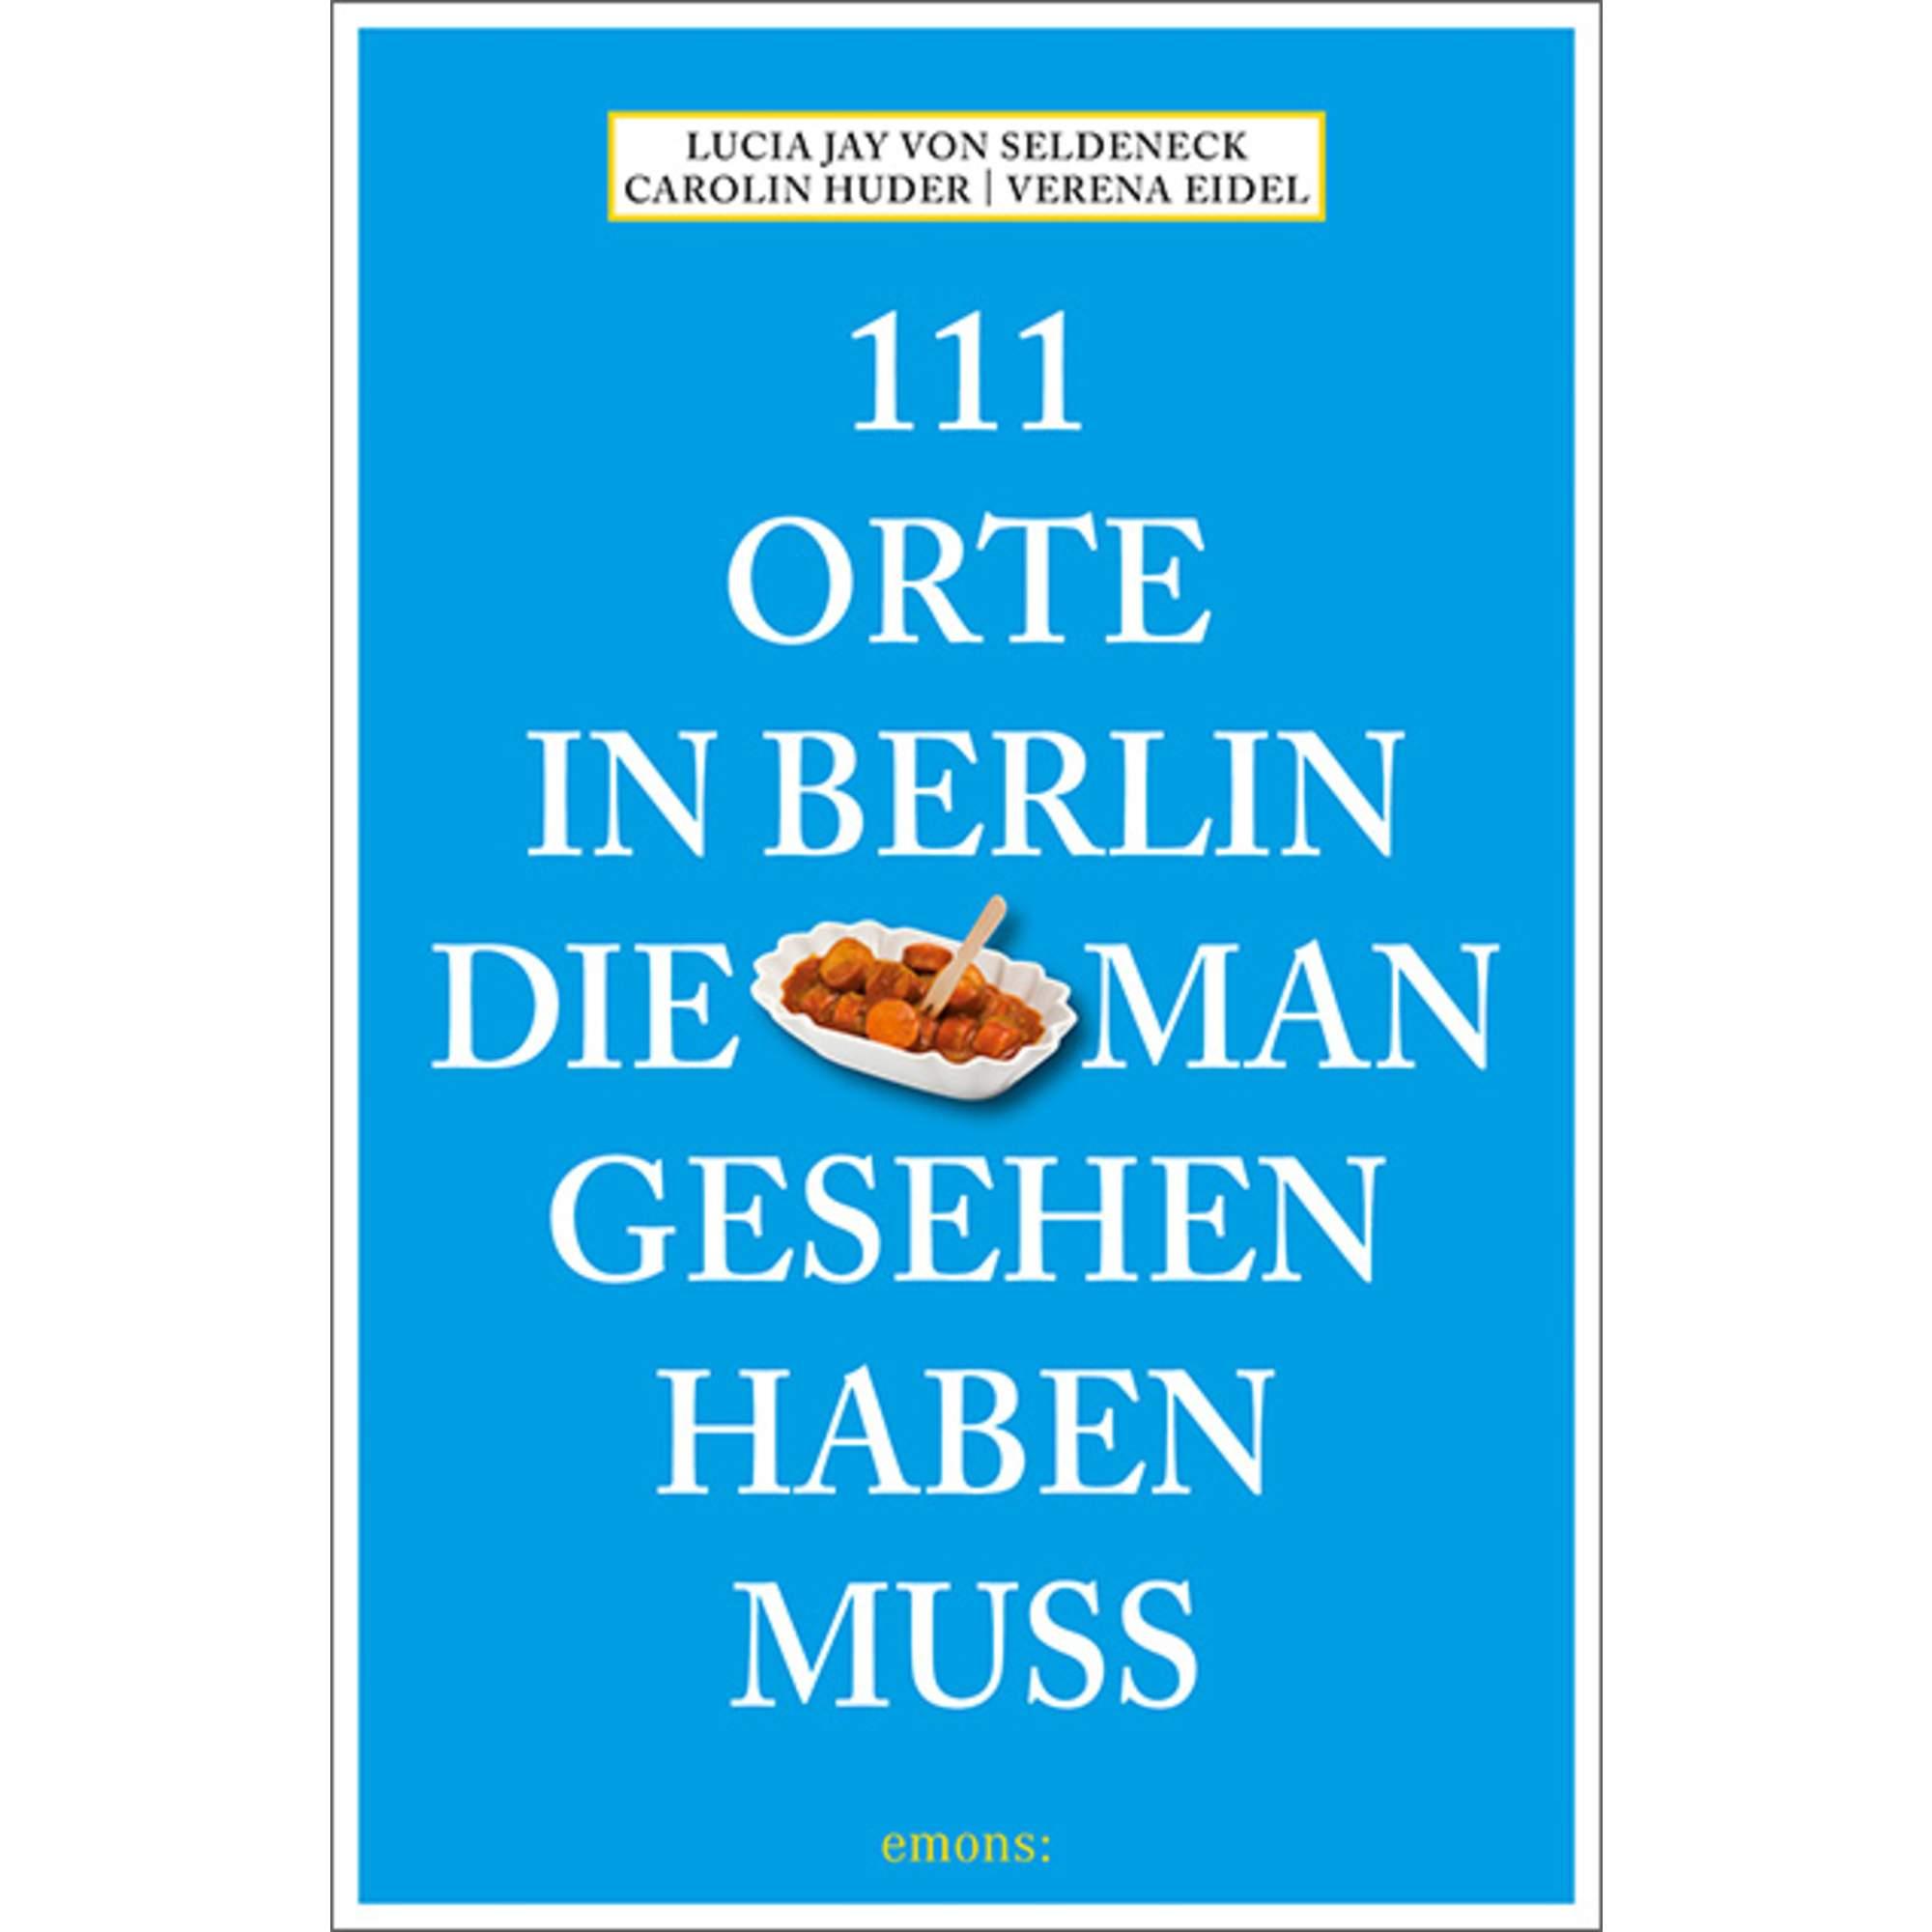 111 ORTE IN BERLIN, DIE MAN GESEHEN HABEN MUSS, 16,95 Euro